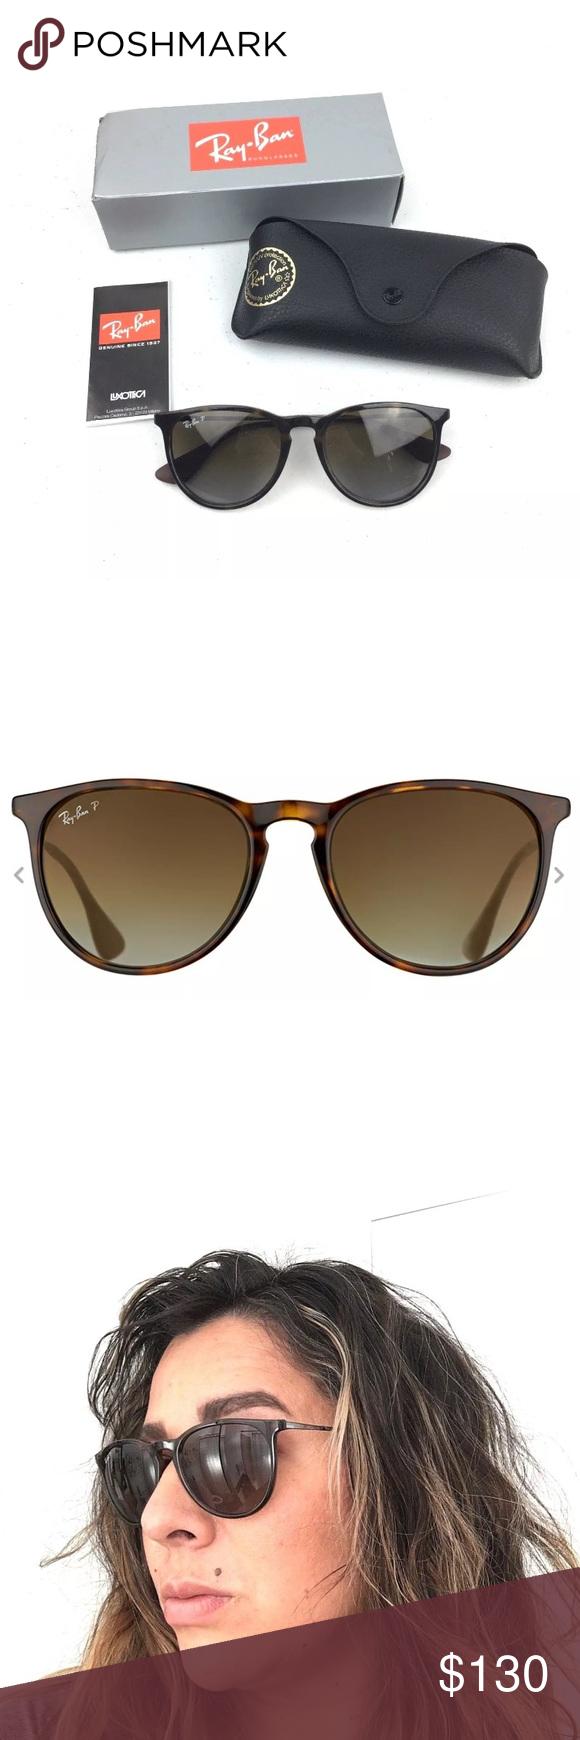 1ef99b5751f Ray Ban Polarized Erika Sunglasses Authentic Ray Ban RB 4171 Erika 710/T5  Shiny Havana